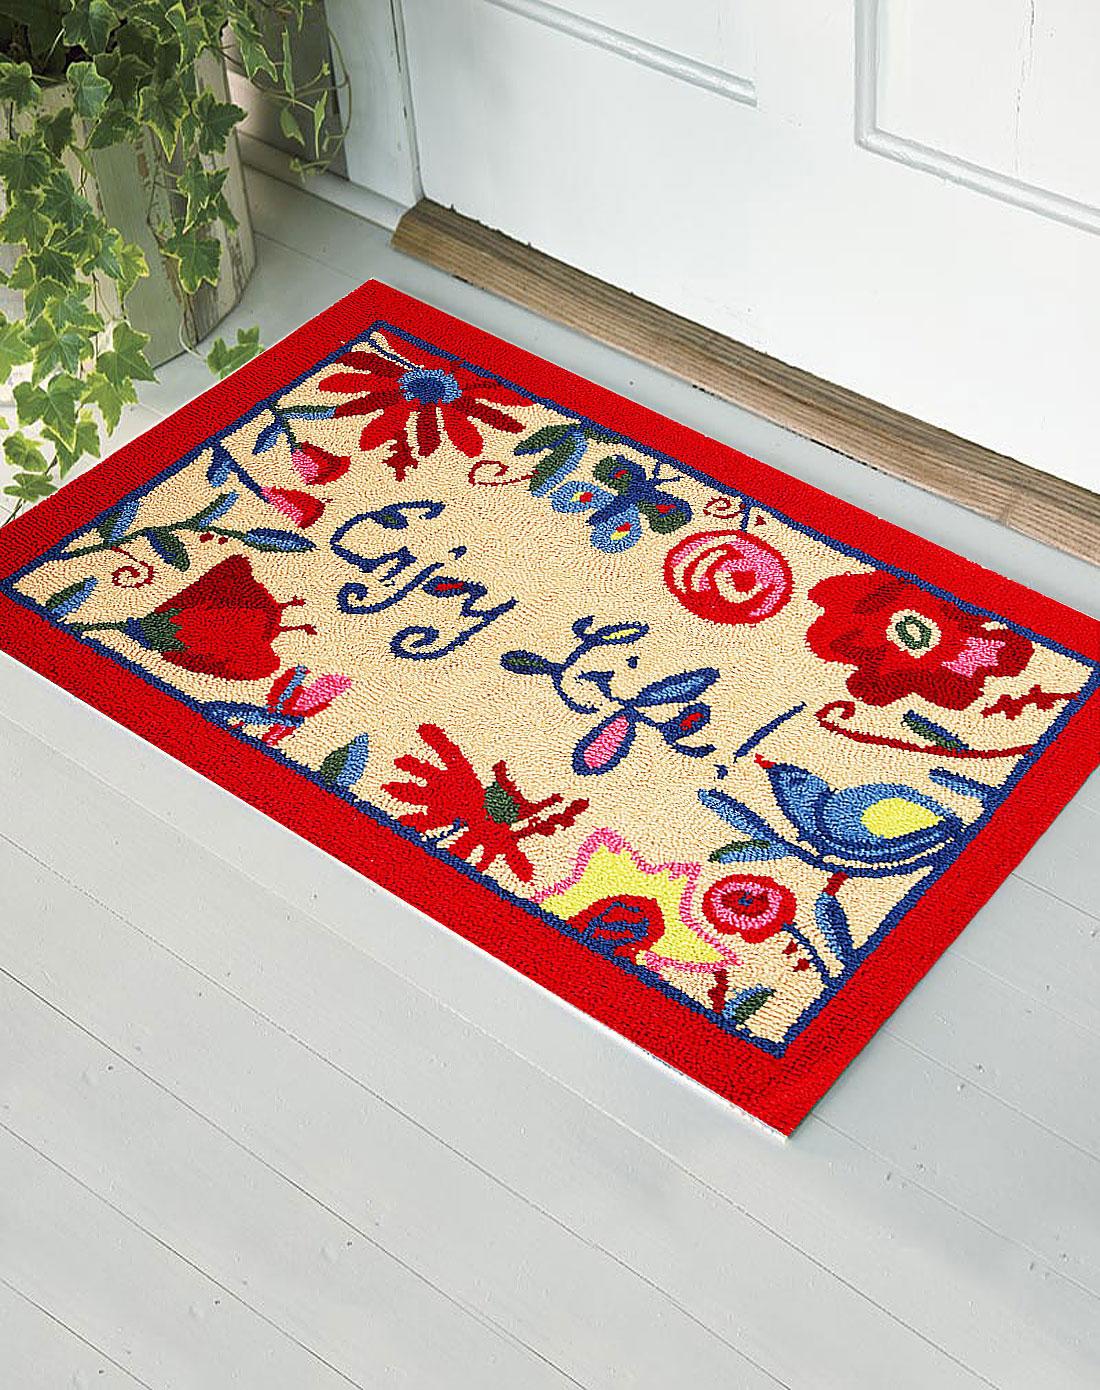 高级手工编织地毯-详情